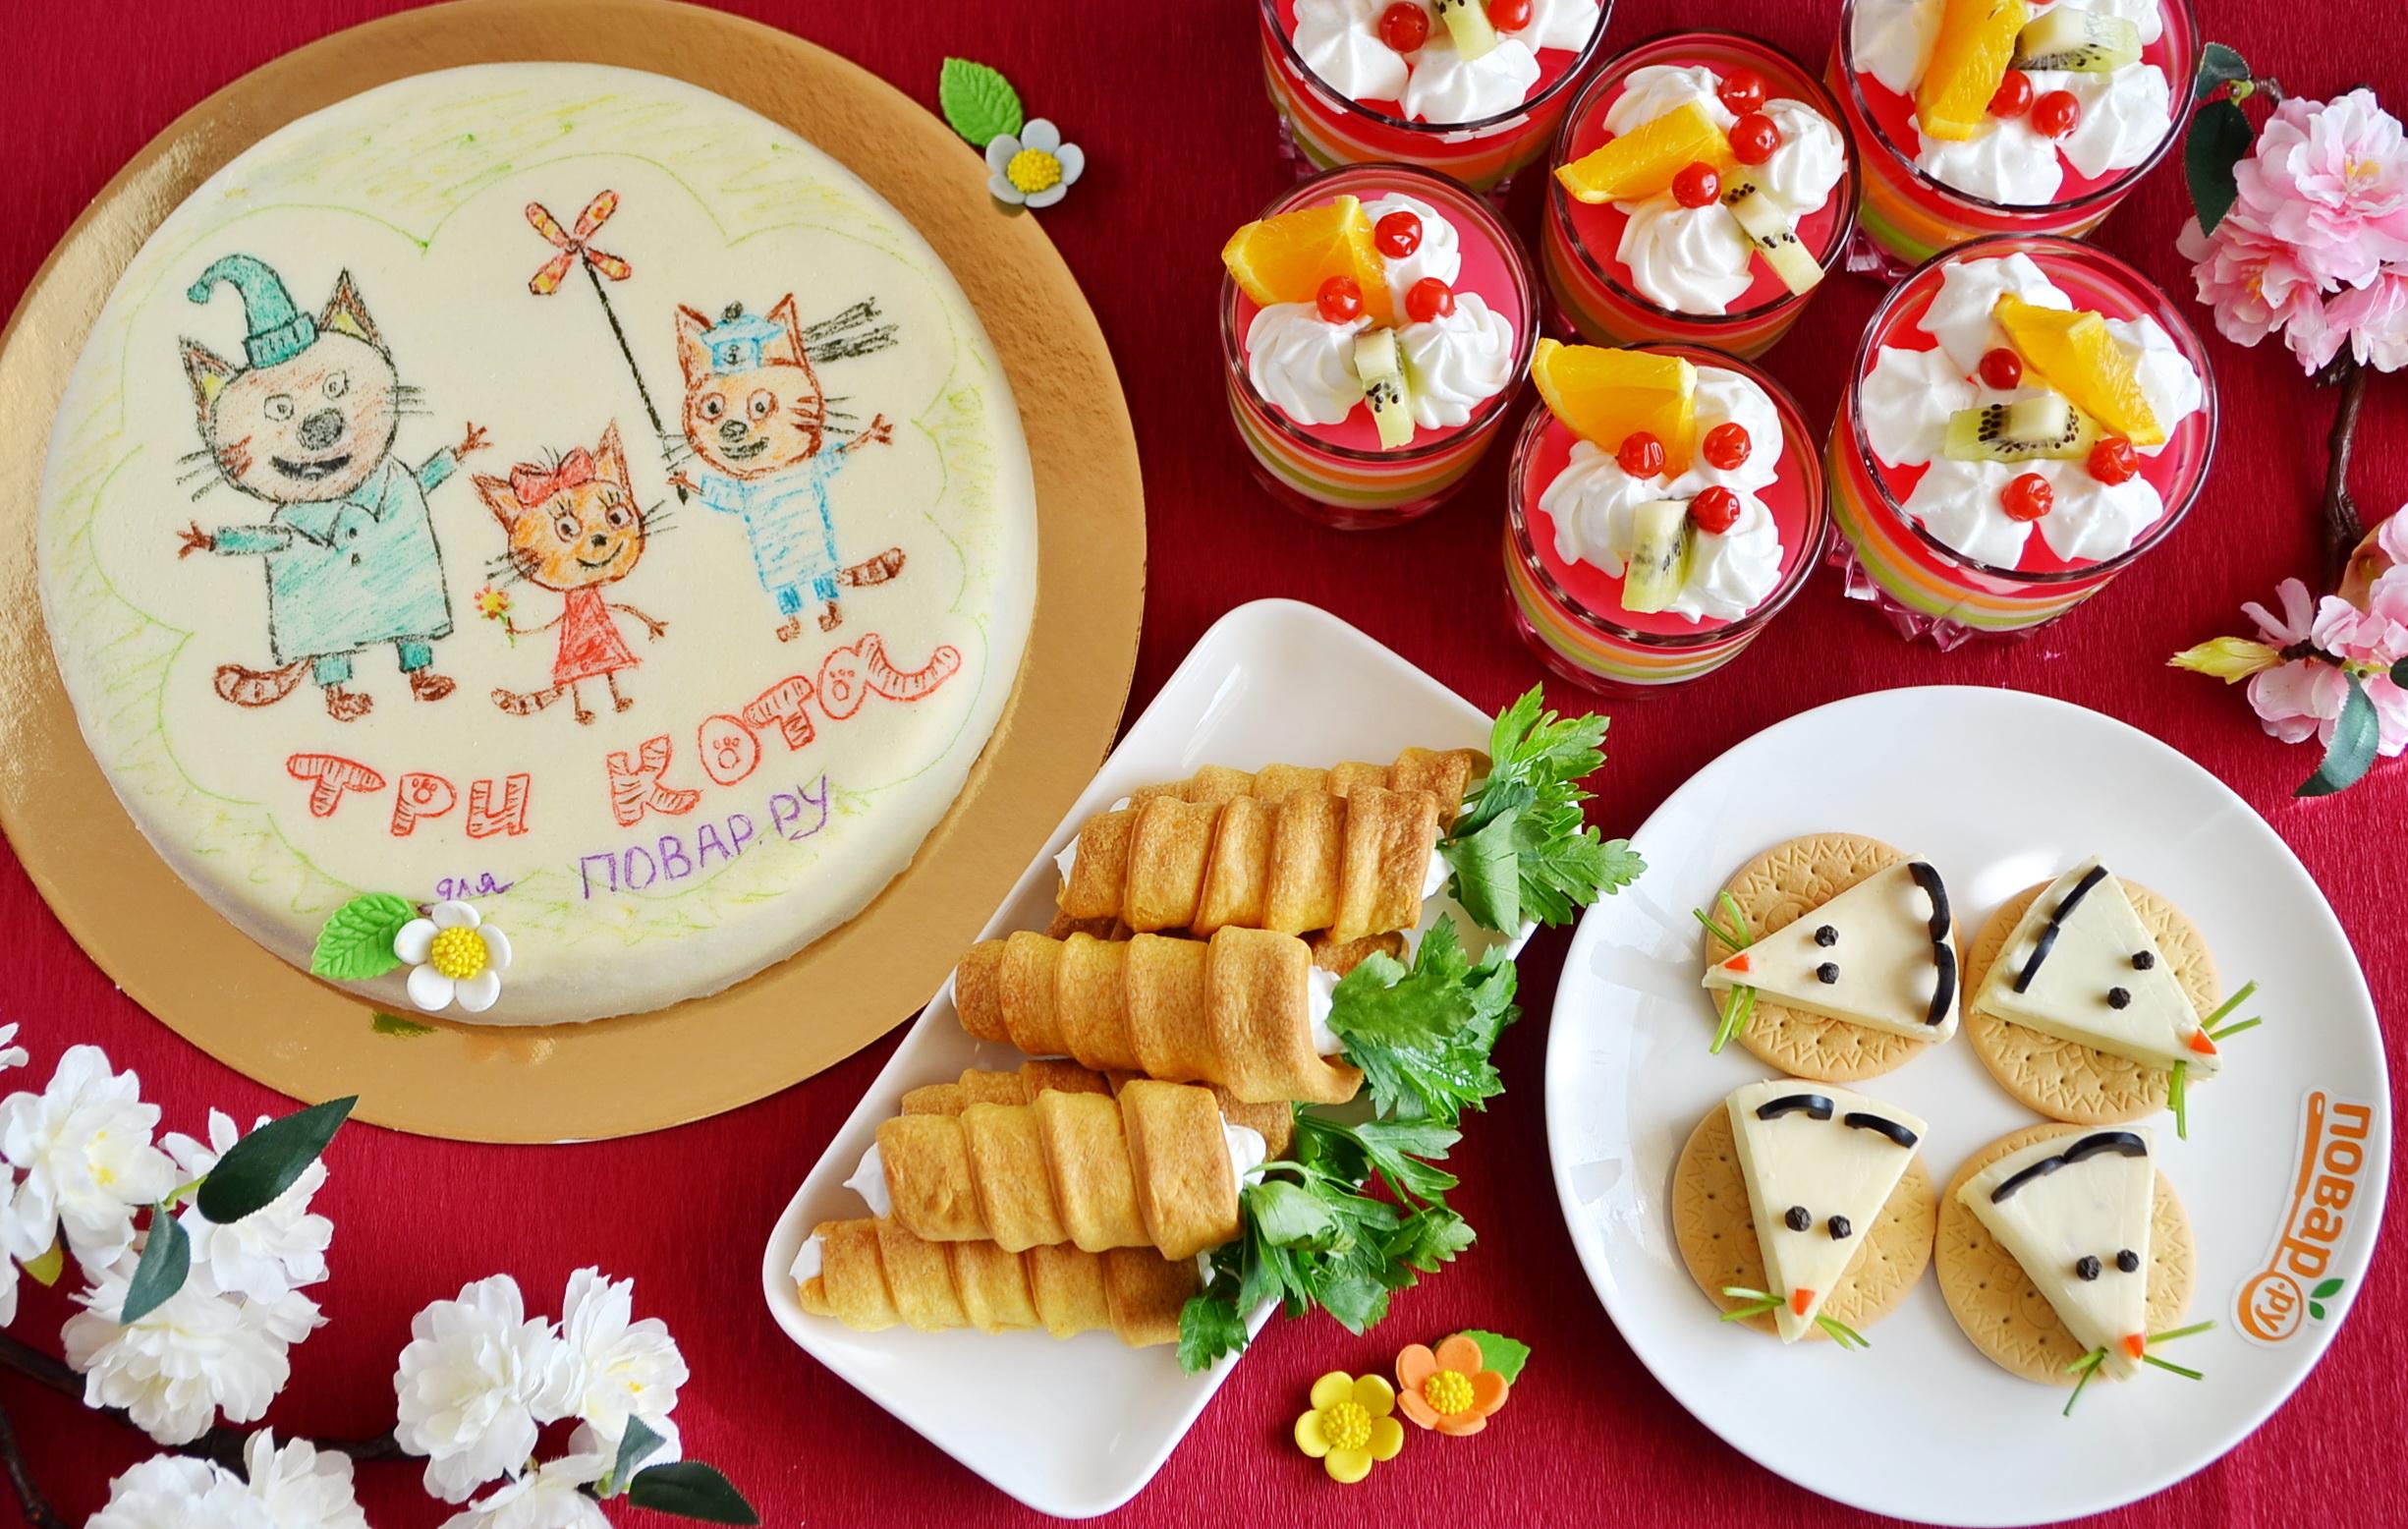 """Меню на детский праздник: закуска """"Мышки на крекерах"""", рожки с кремом, торт """"Три кота"""" и слоеное желе"""